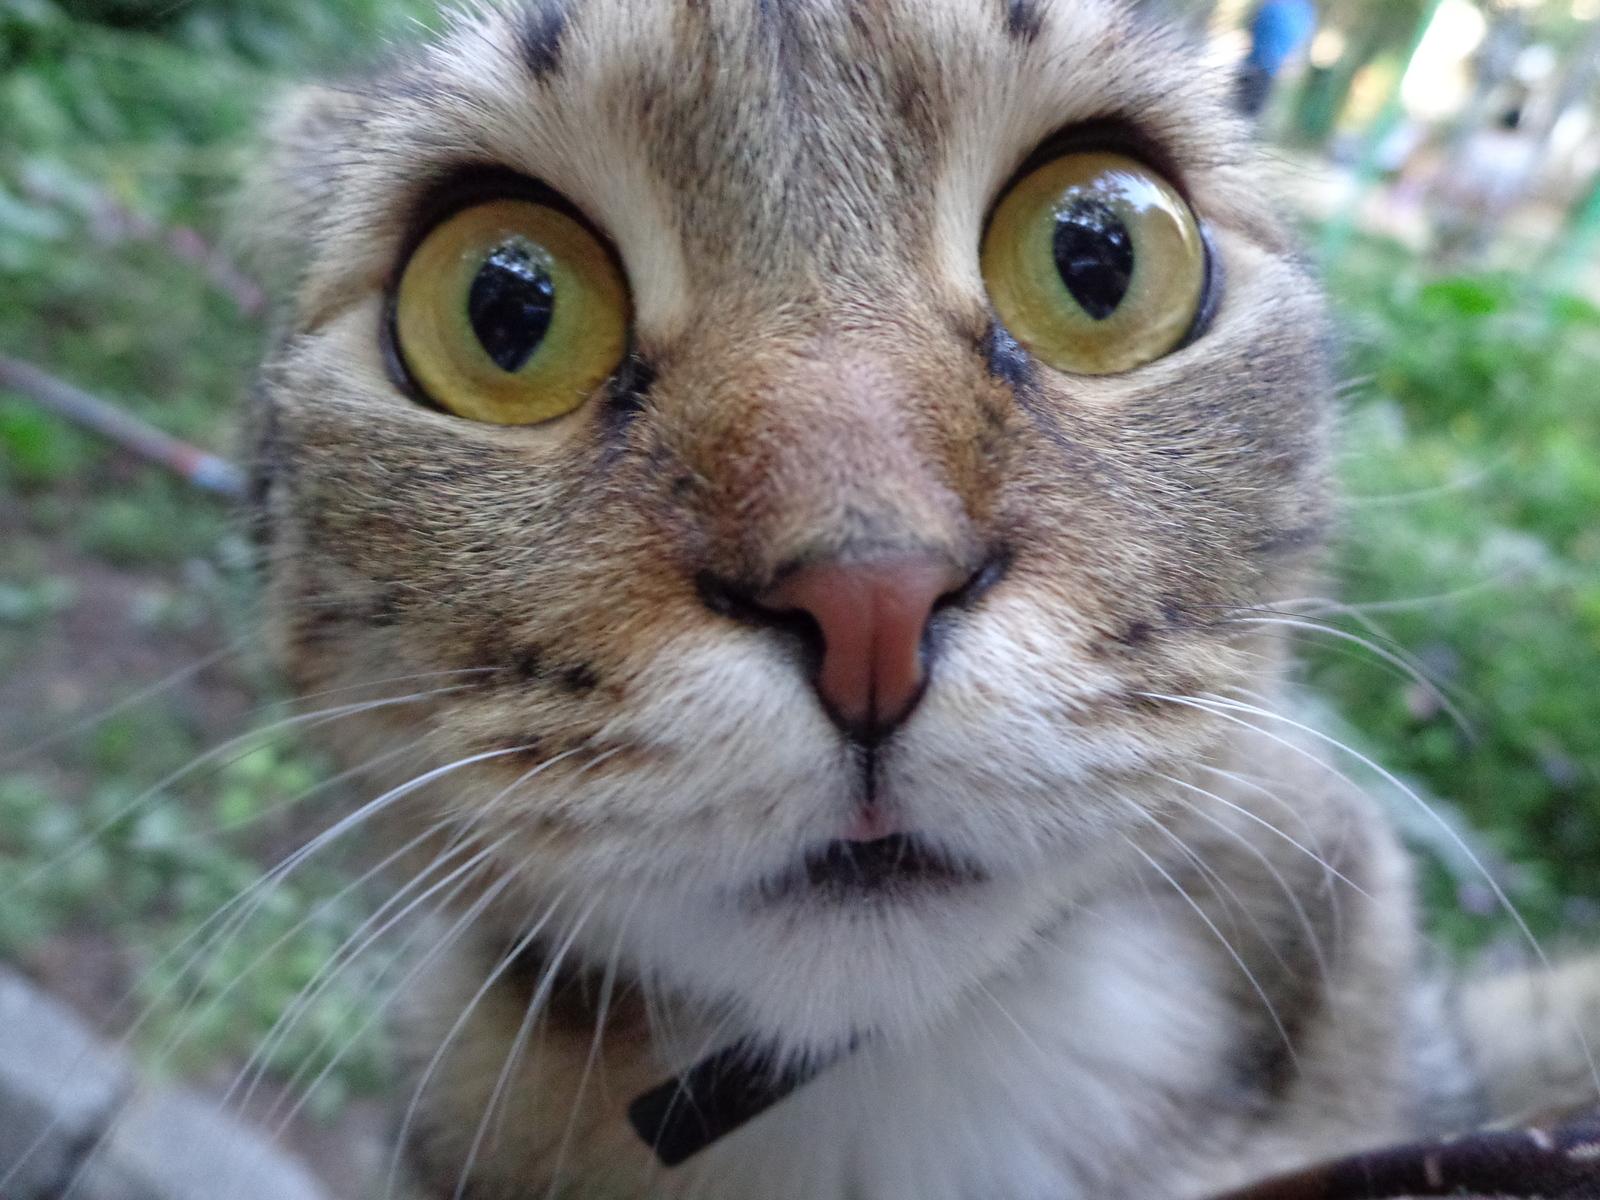 могут переползти картинки удивленных котиков такими возможностями, конечно